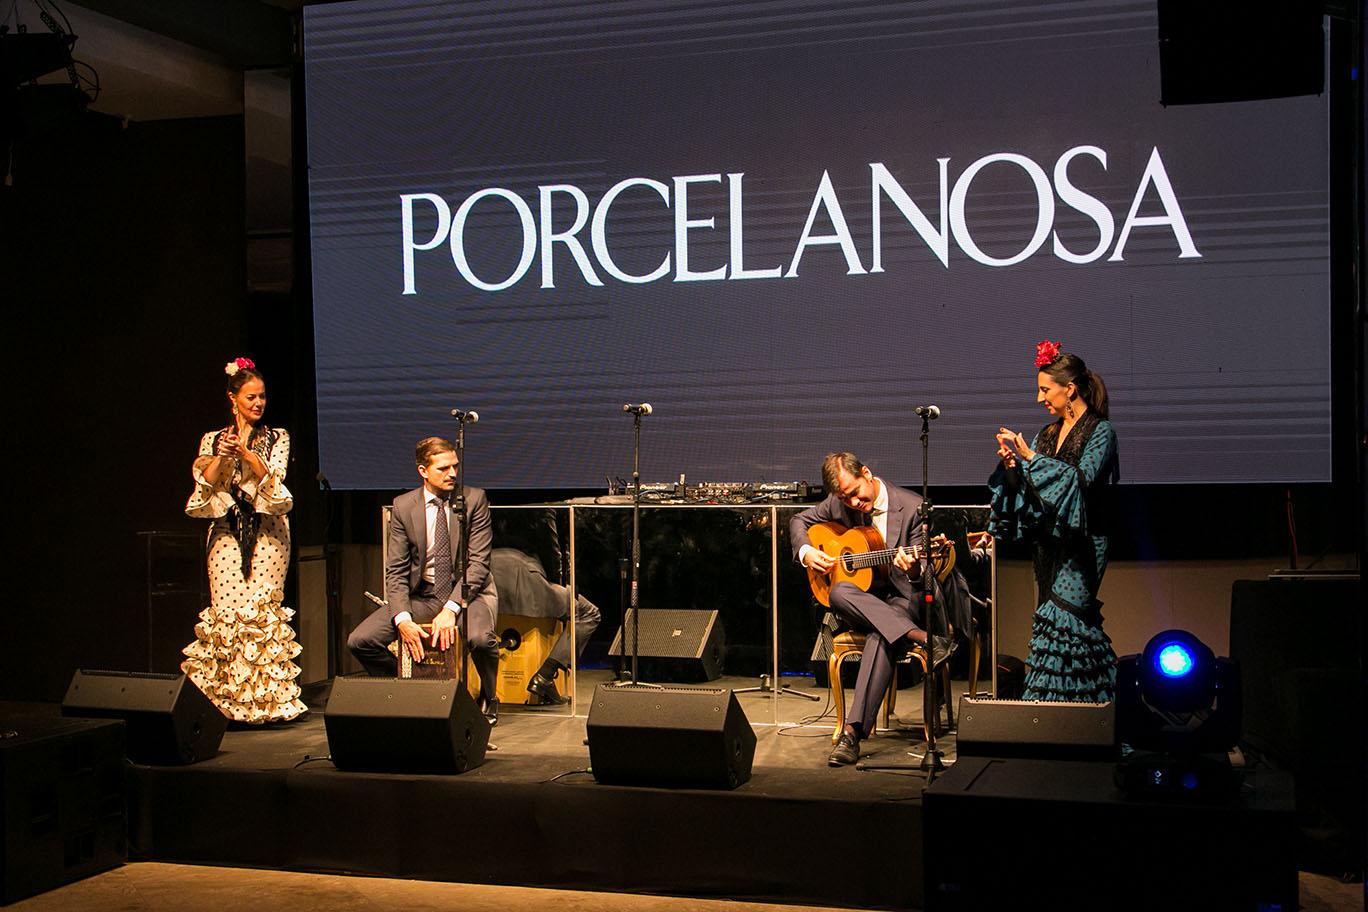 A festa ainda foi animada pela Banda Porvenir, embaixadora da Porcelanosa, que veio diretamente da Espanha para o evento.